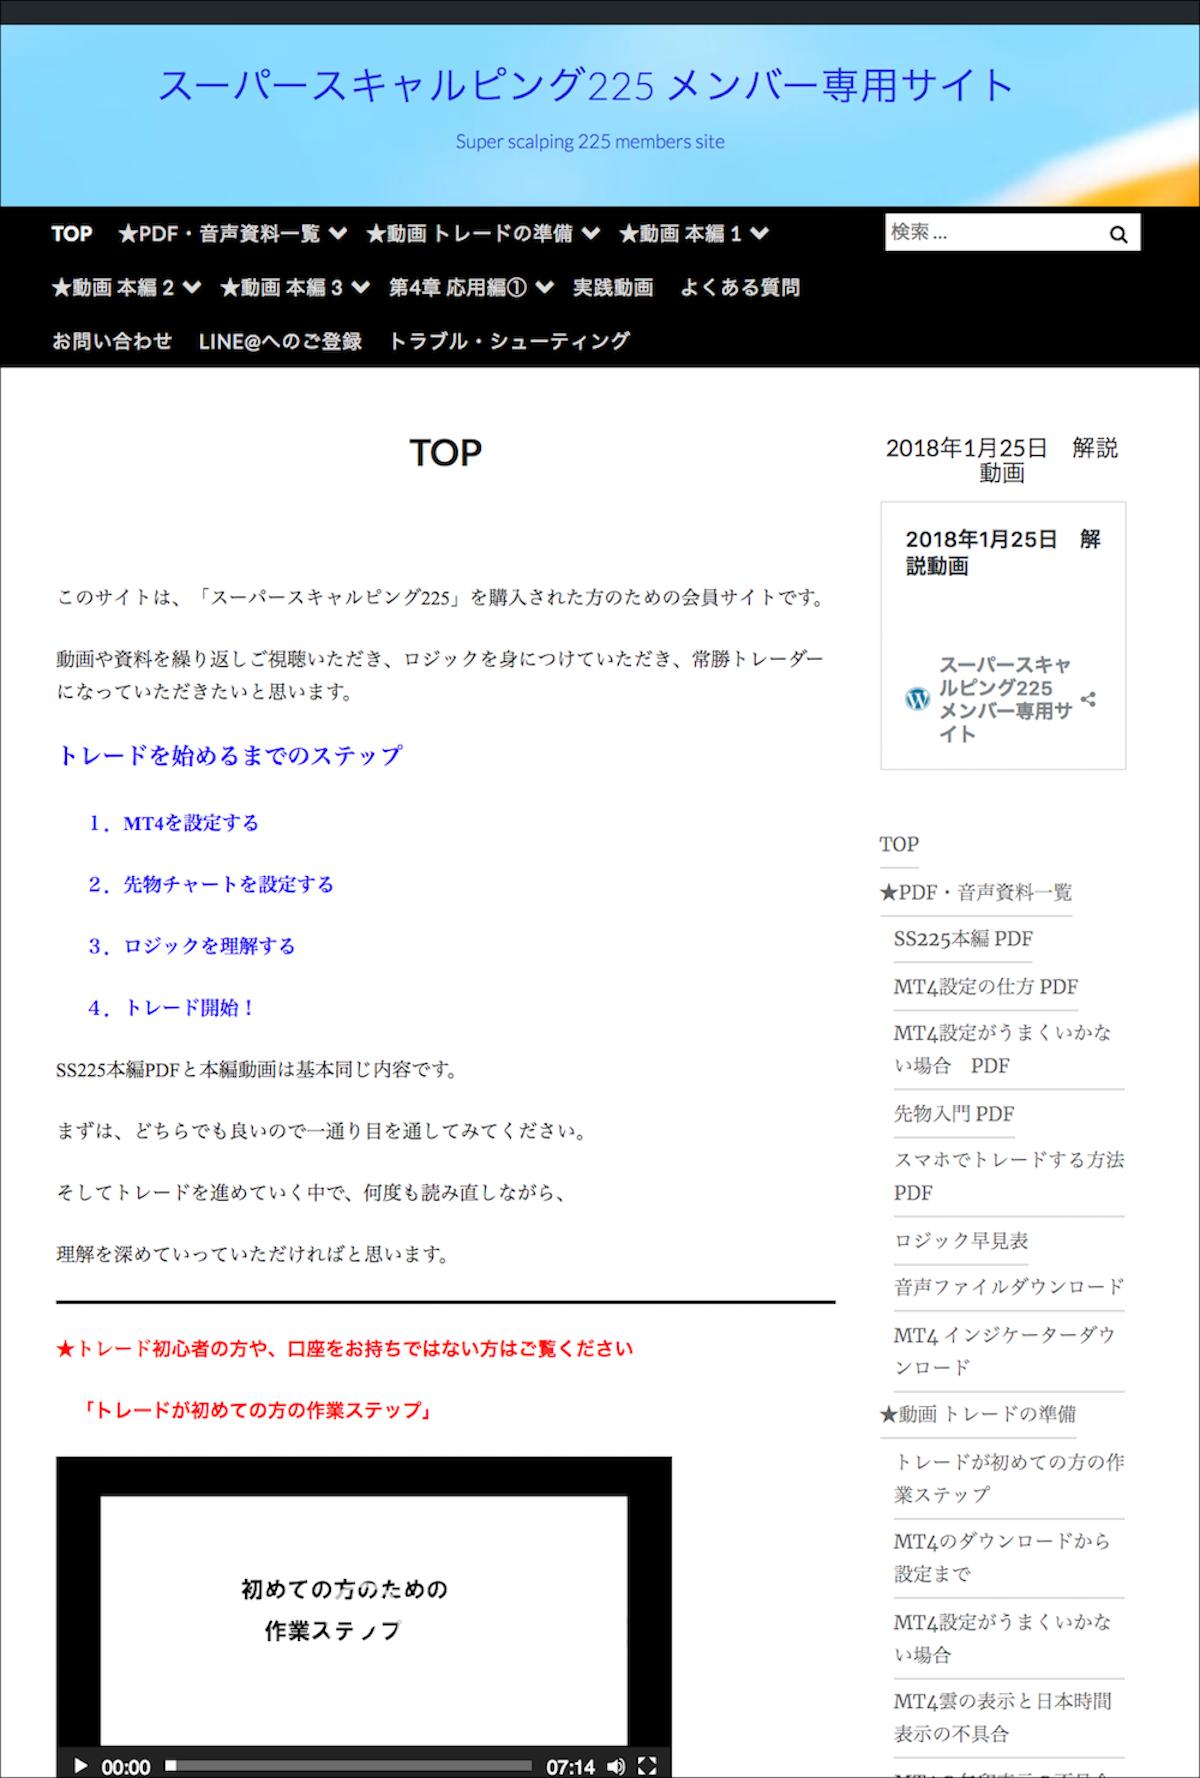 スーパースキャルピング225|メンバー専用サイト